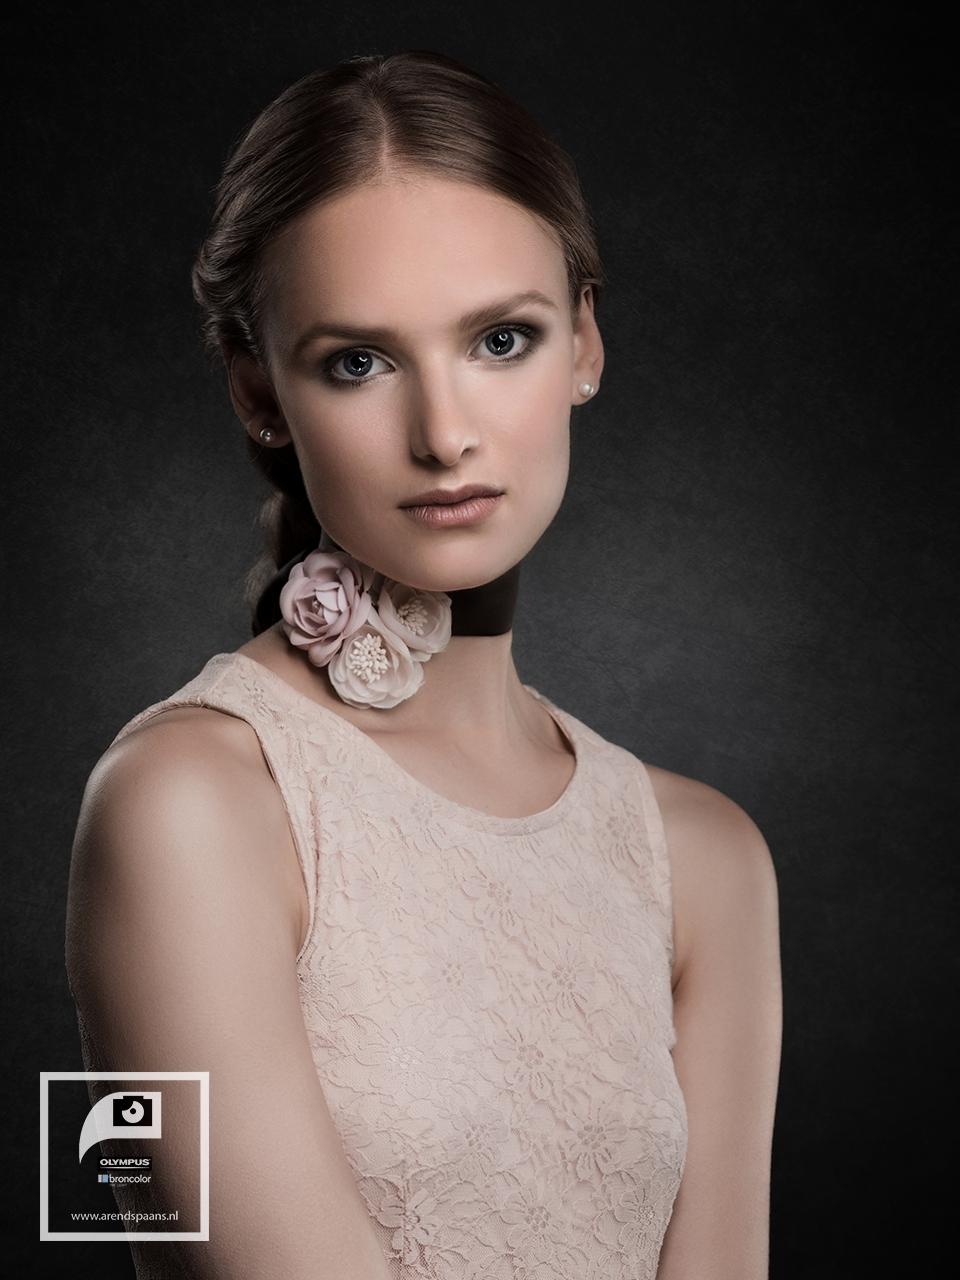 Model: Mieke MUA: Belinda Terrisse